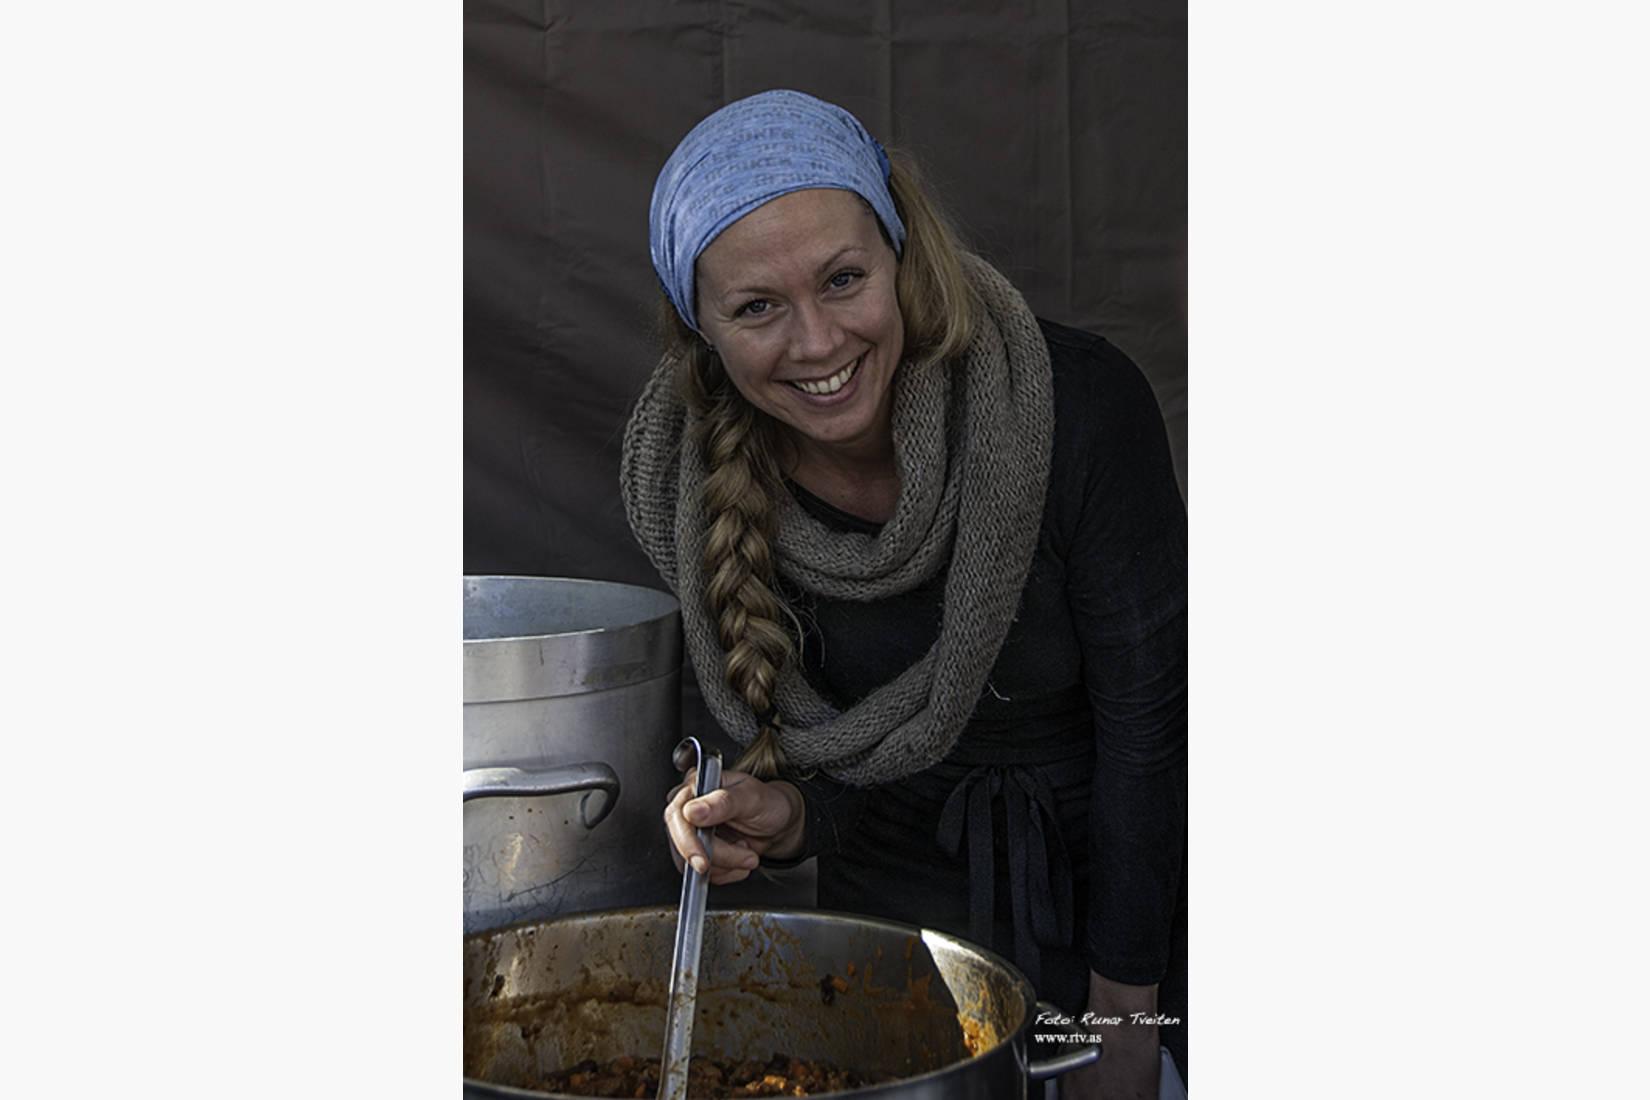 Maria er klar med varm gryte til sultne gjester :)